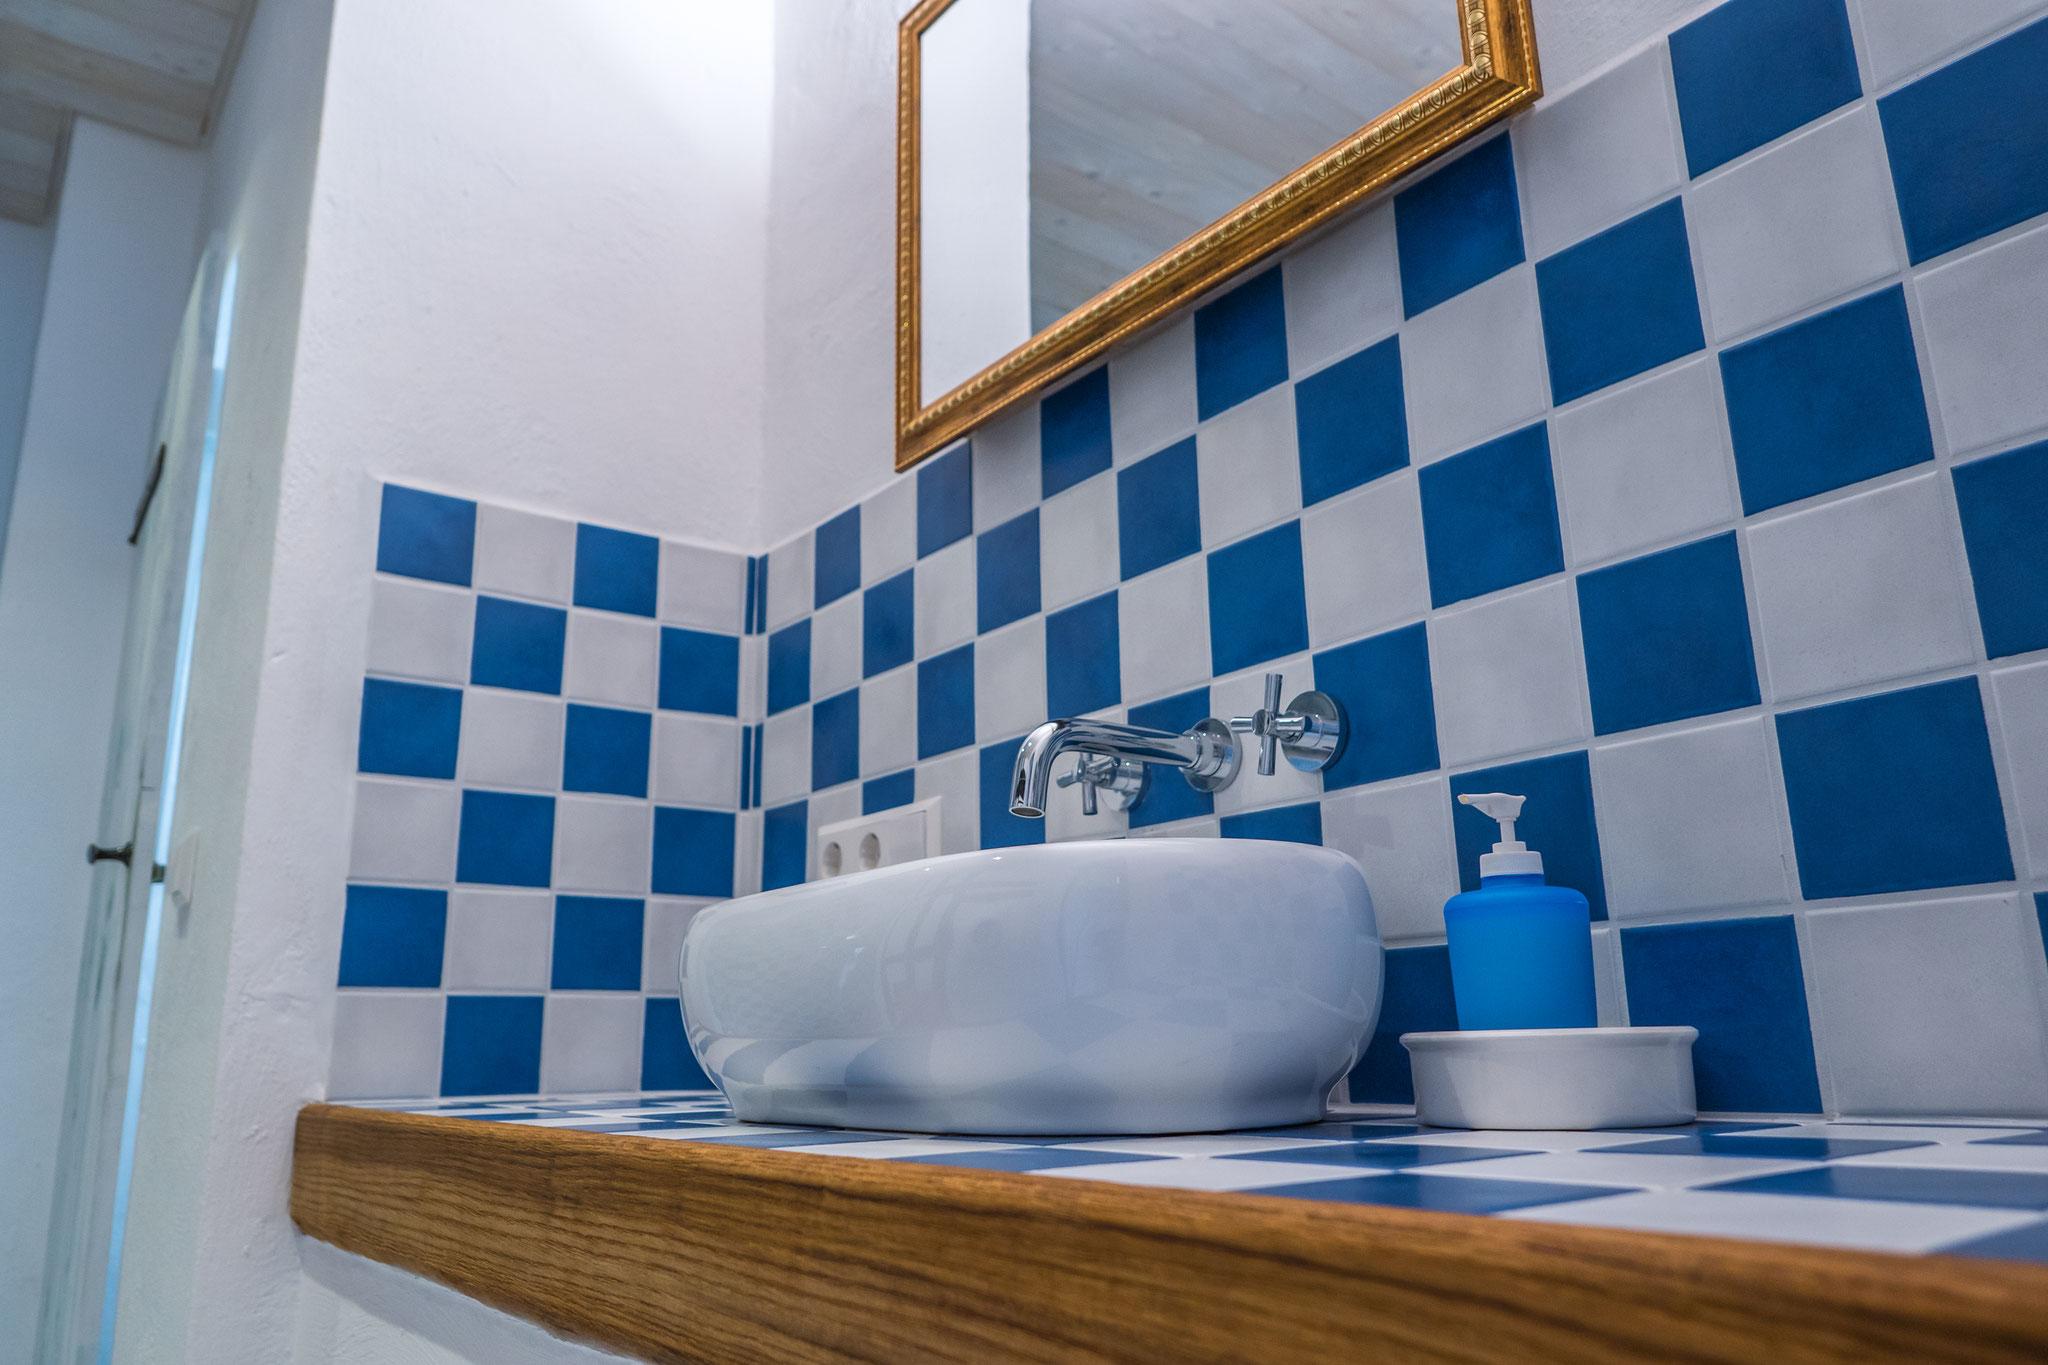 Seminarraum und Gruppenraum, Badezimmer, Waschbecken